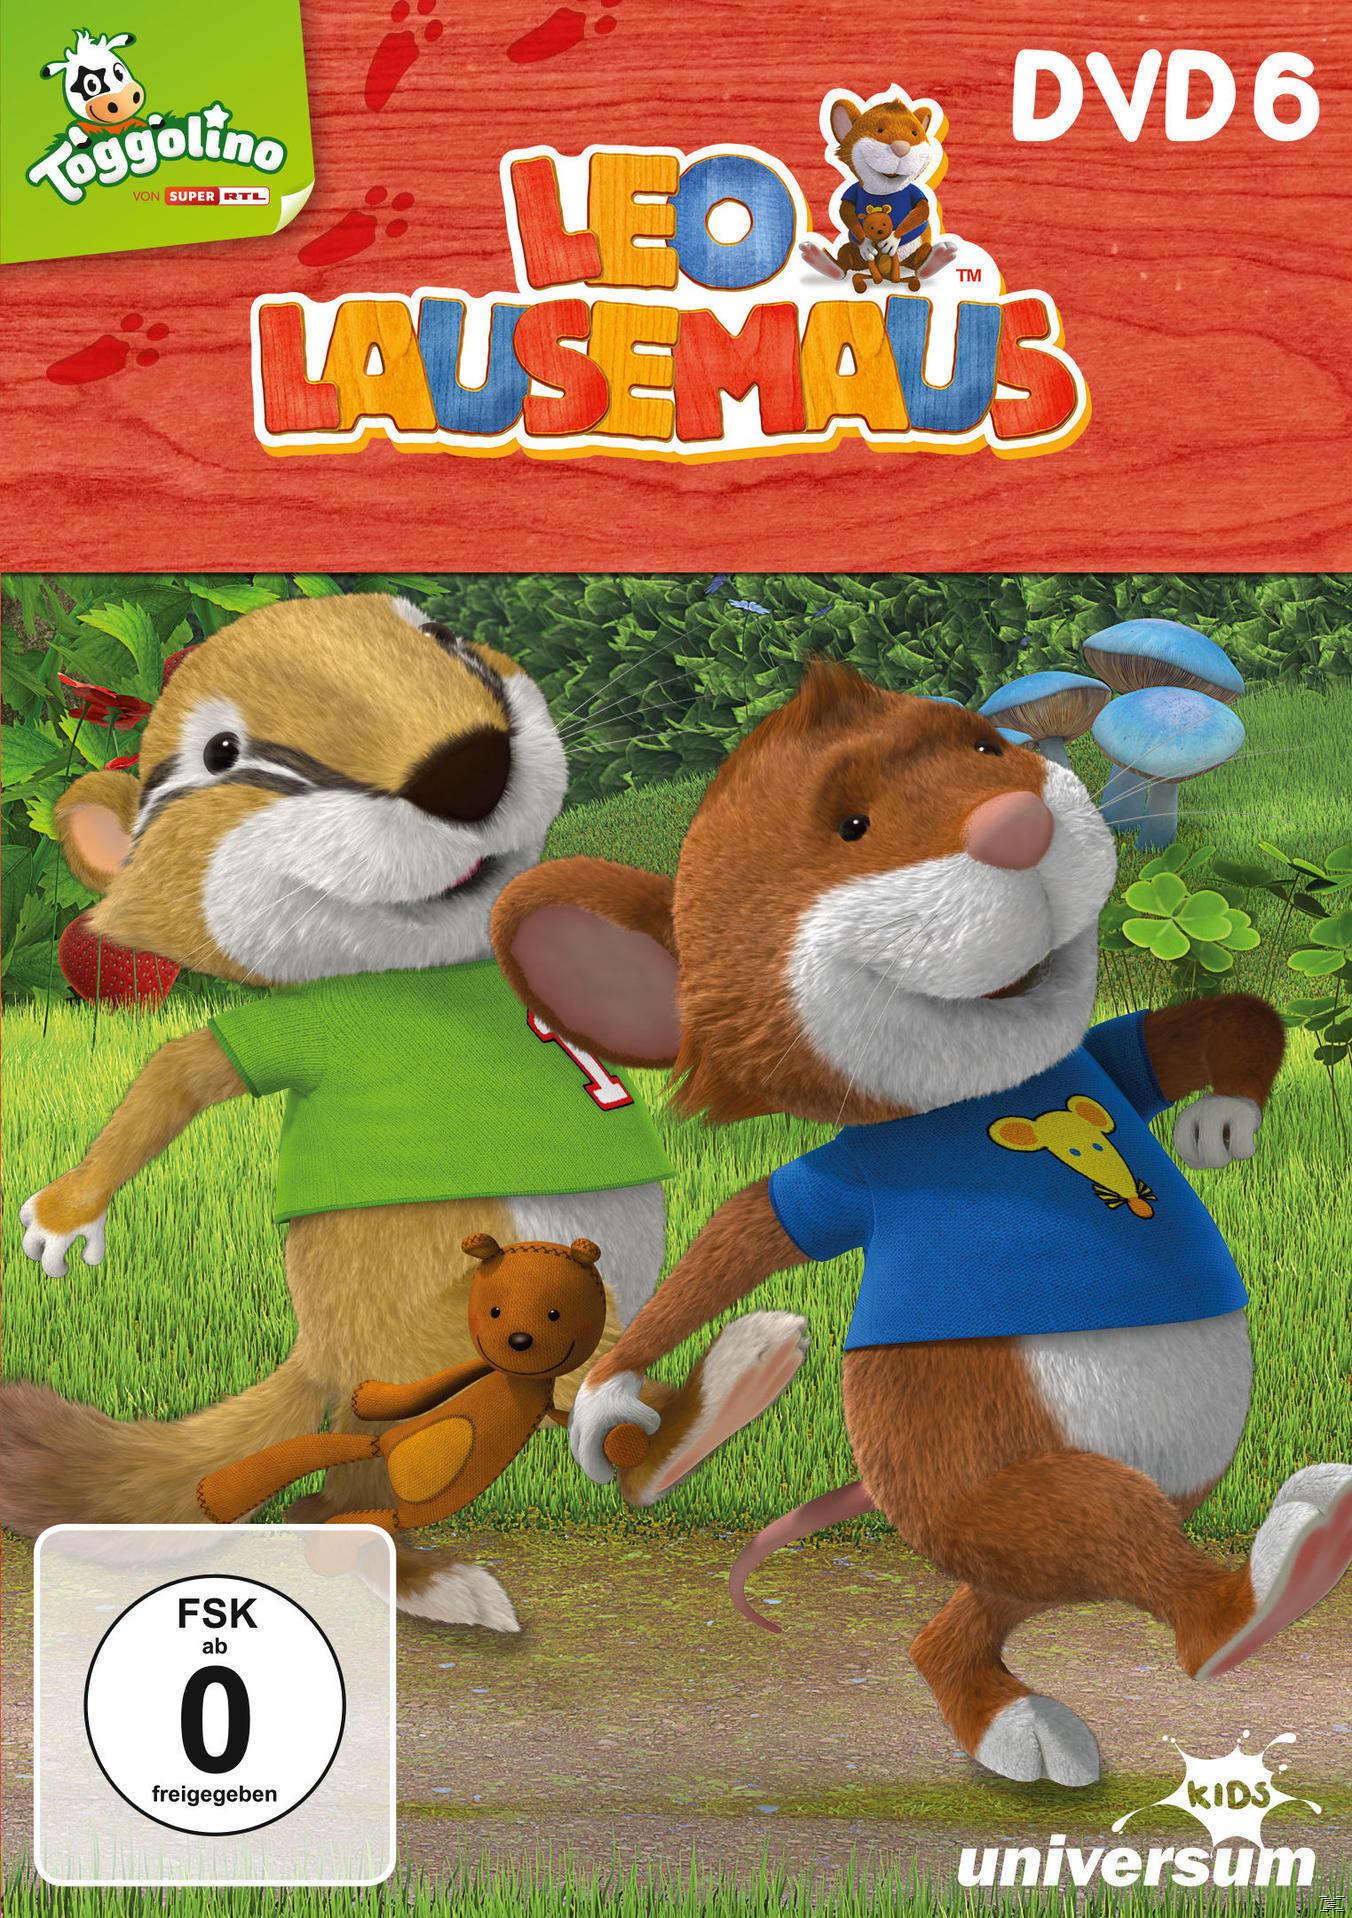 Leo Lausemaus - DVD 6 (DVD) für 9,99 Euro